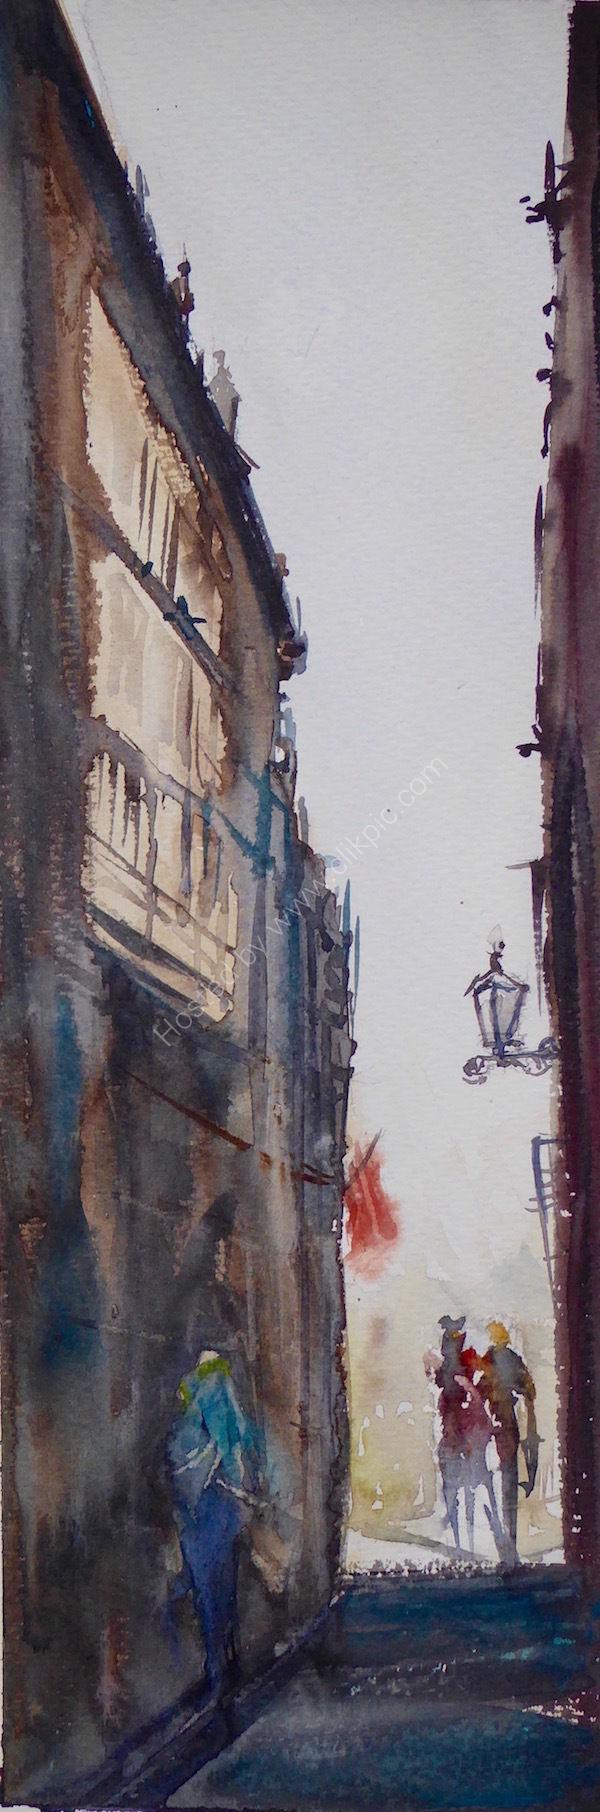 Alleyway Girona